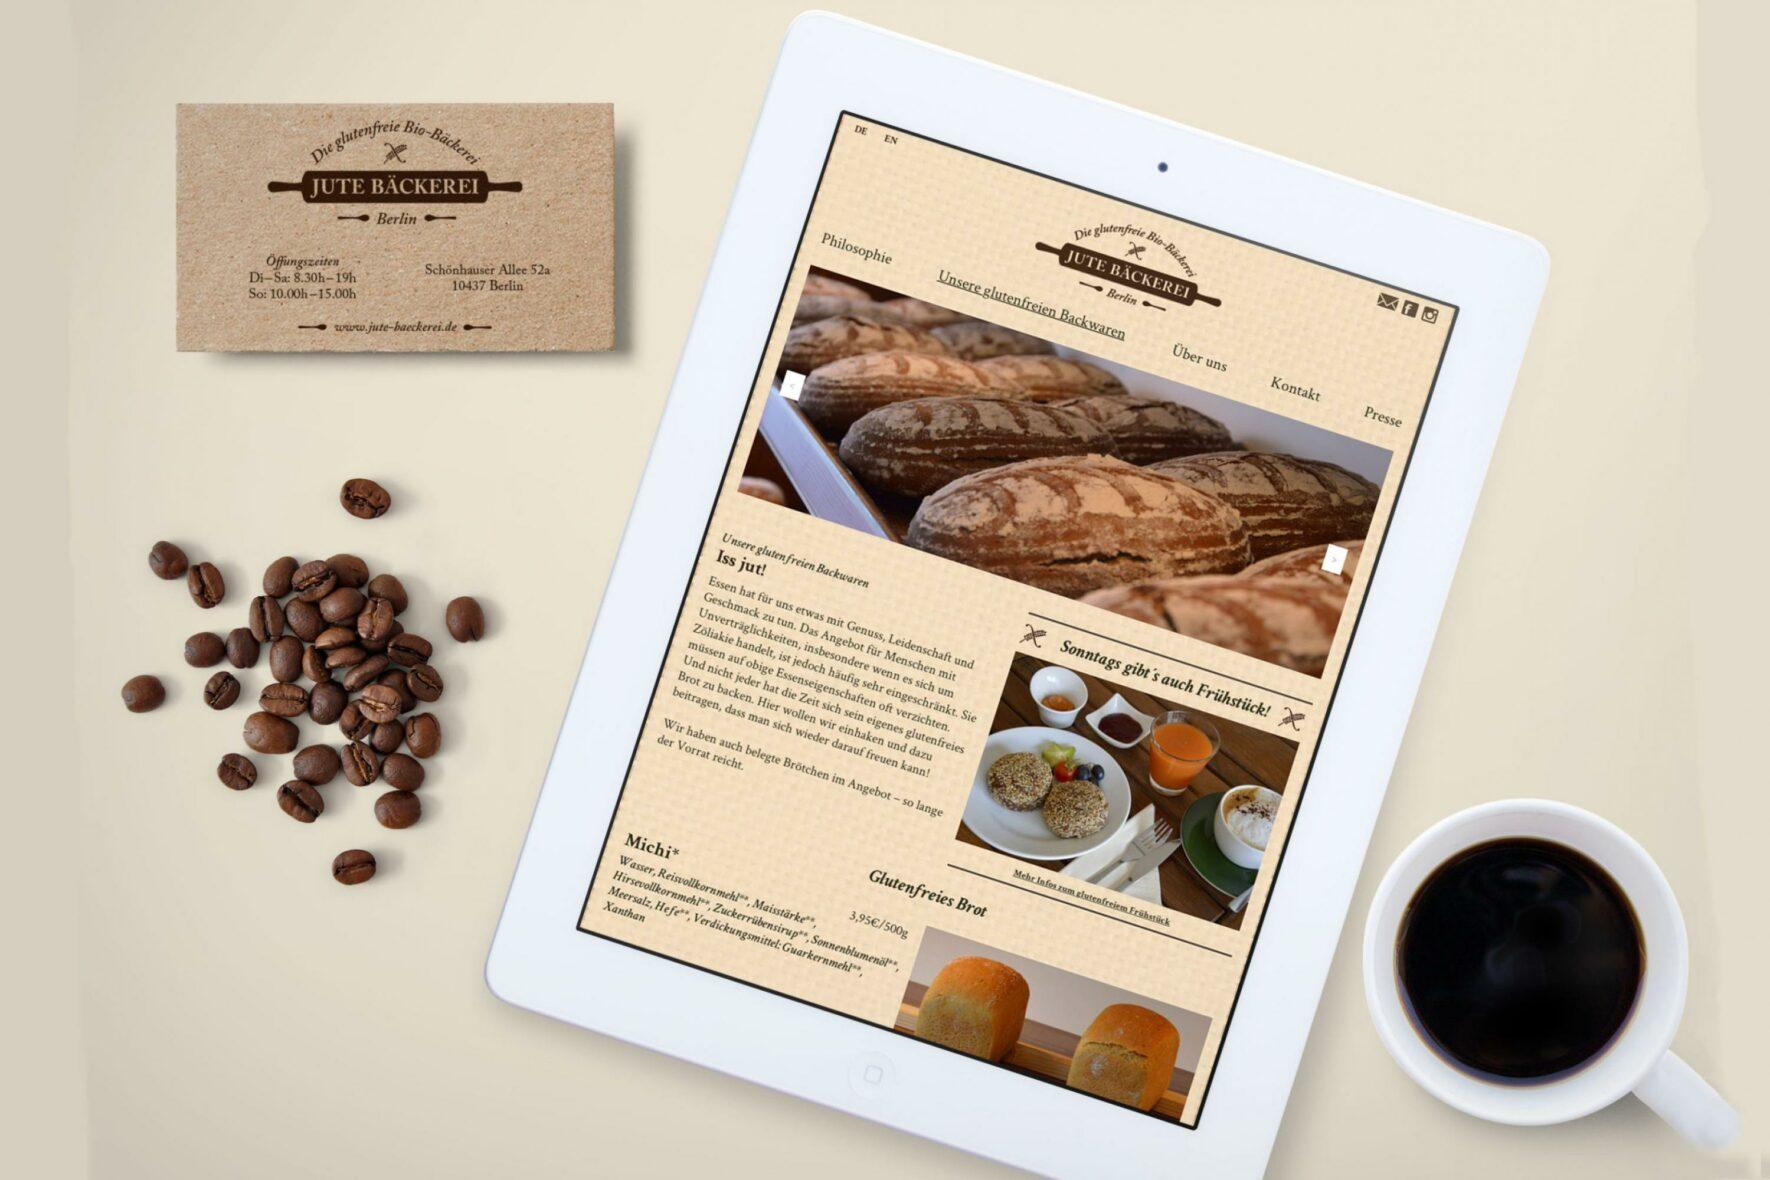 Glutenfreie-Bäckerei-Berlin-Jute-Bäckerei-Corporate-Design-05-Webdesign